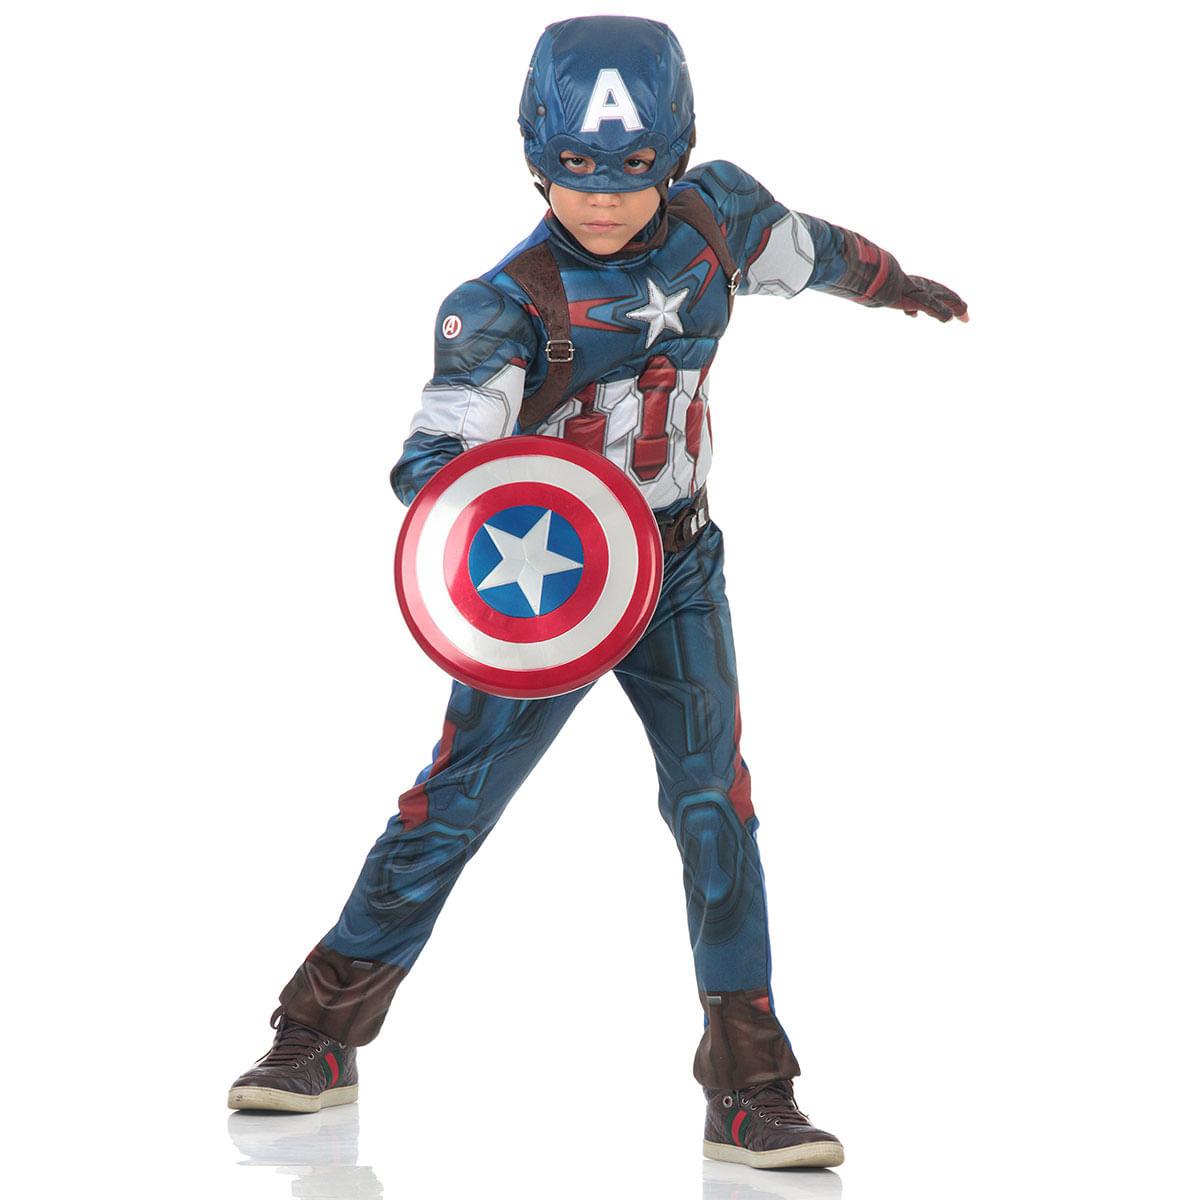 a53433bac COMPRAR · Fantasia Capitão América Infantil Peitoral - Avengers G